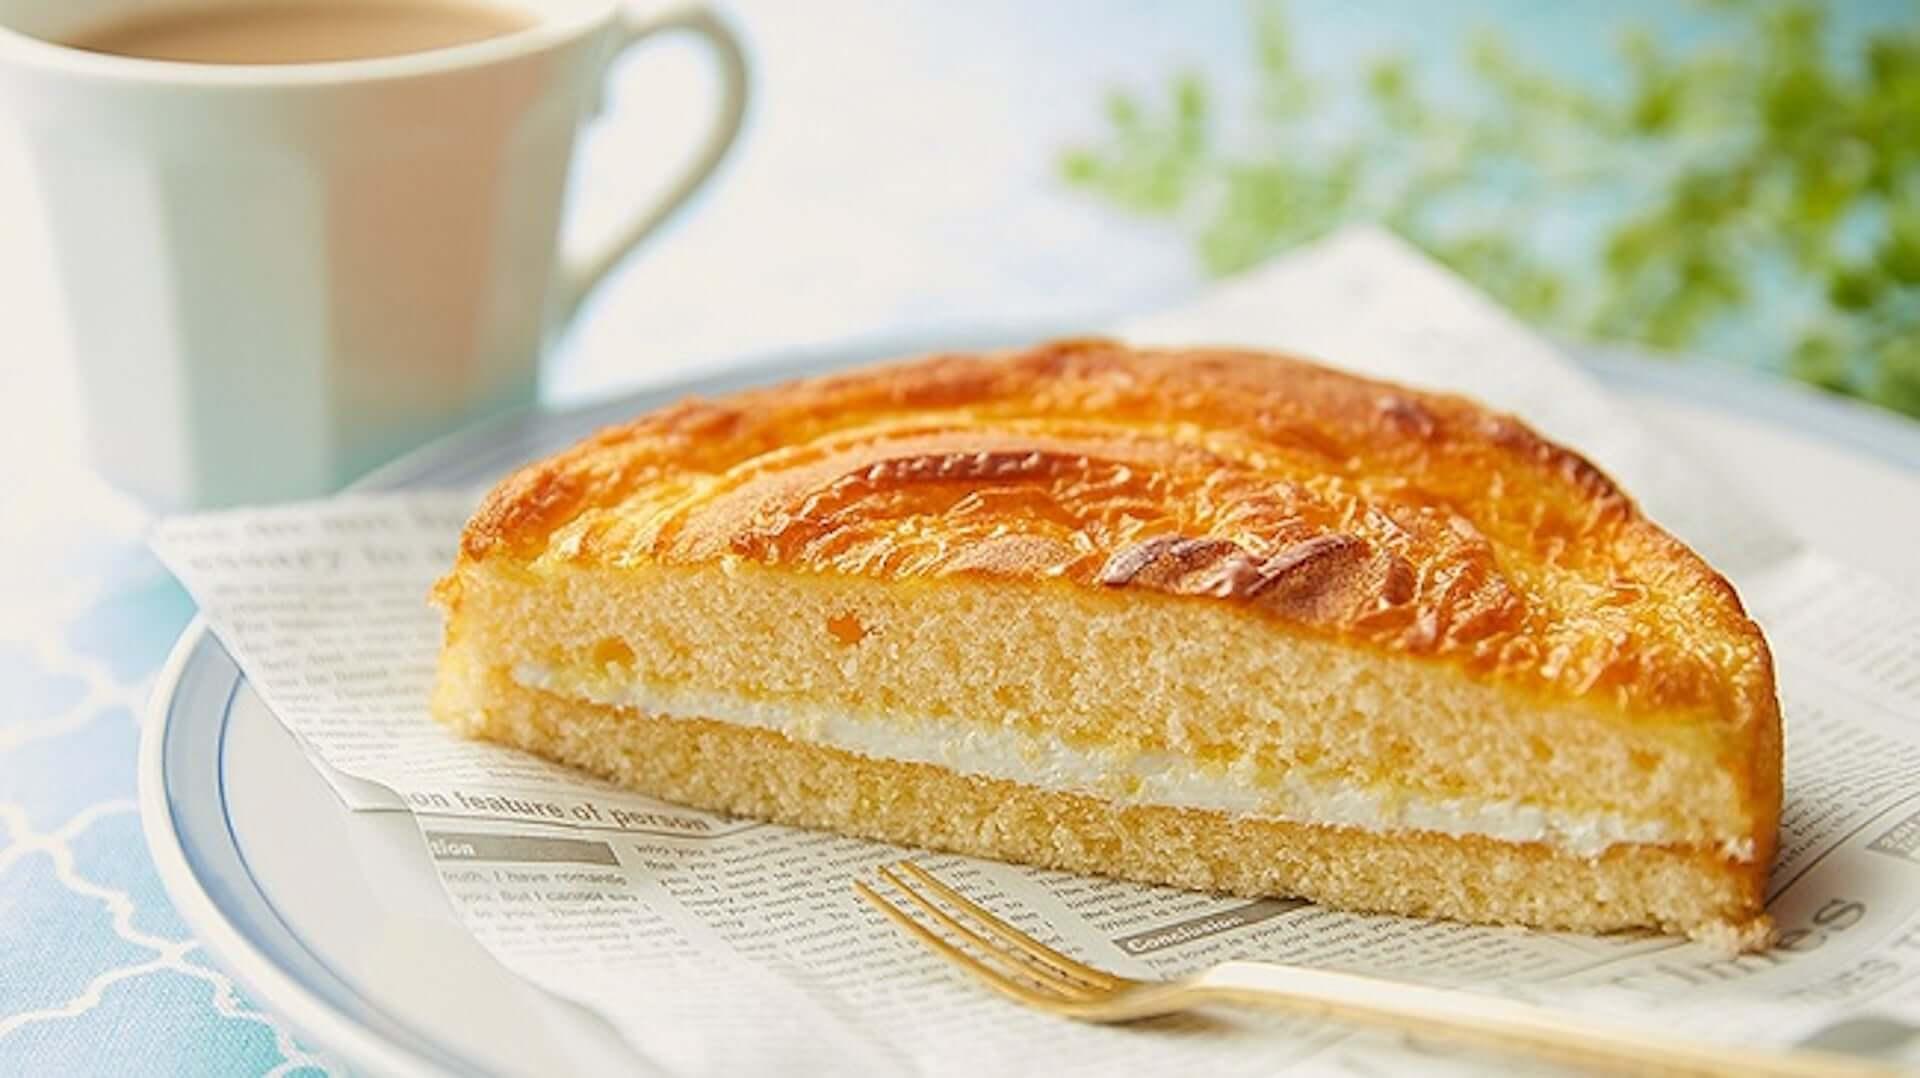 食欲の秋にぴったりなパンがローソンストア100に続々登場!新商品『食パンの耳揚げちゃいました』や『コロッケ山脈』などが10月より発売 gourmet201001_lawsonstore100_7-1920x1078